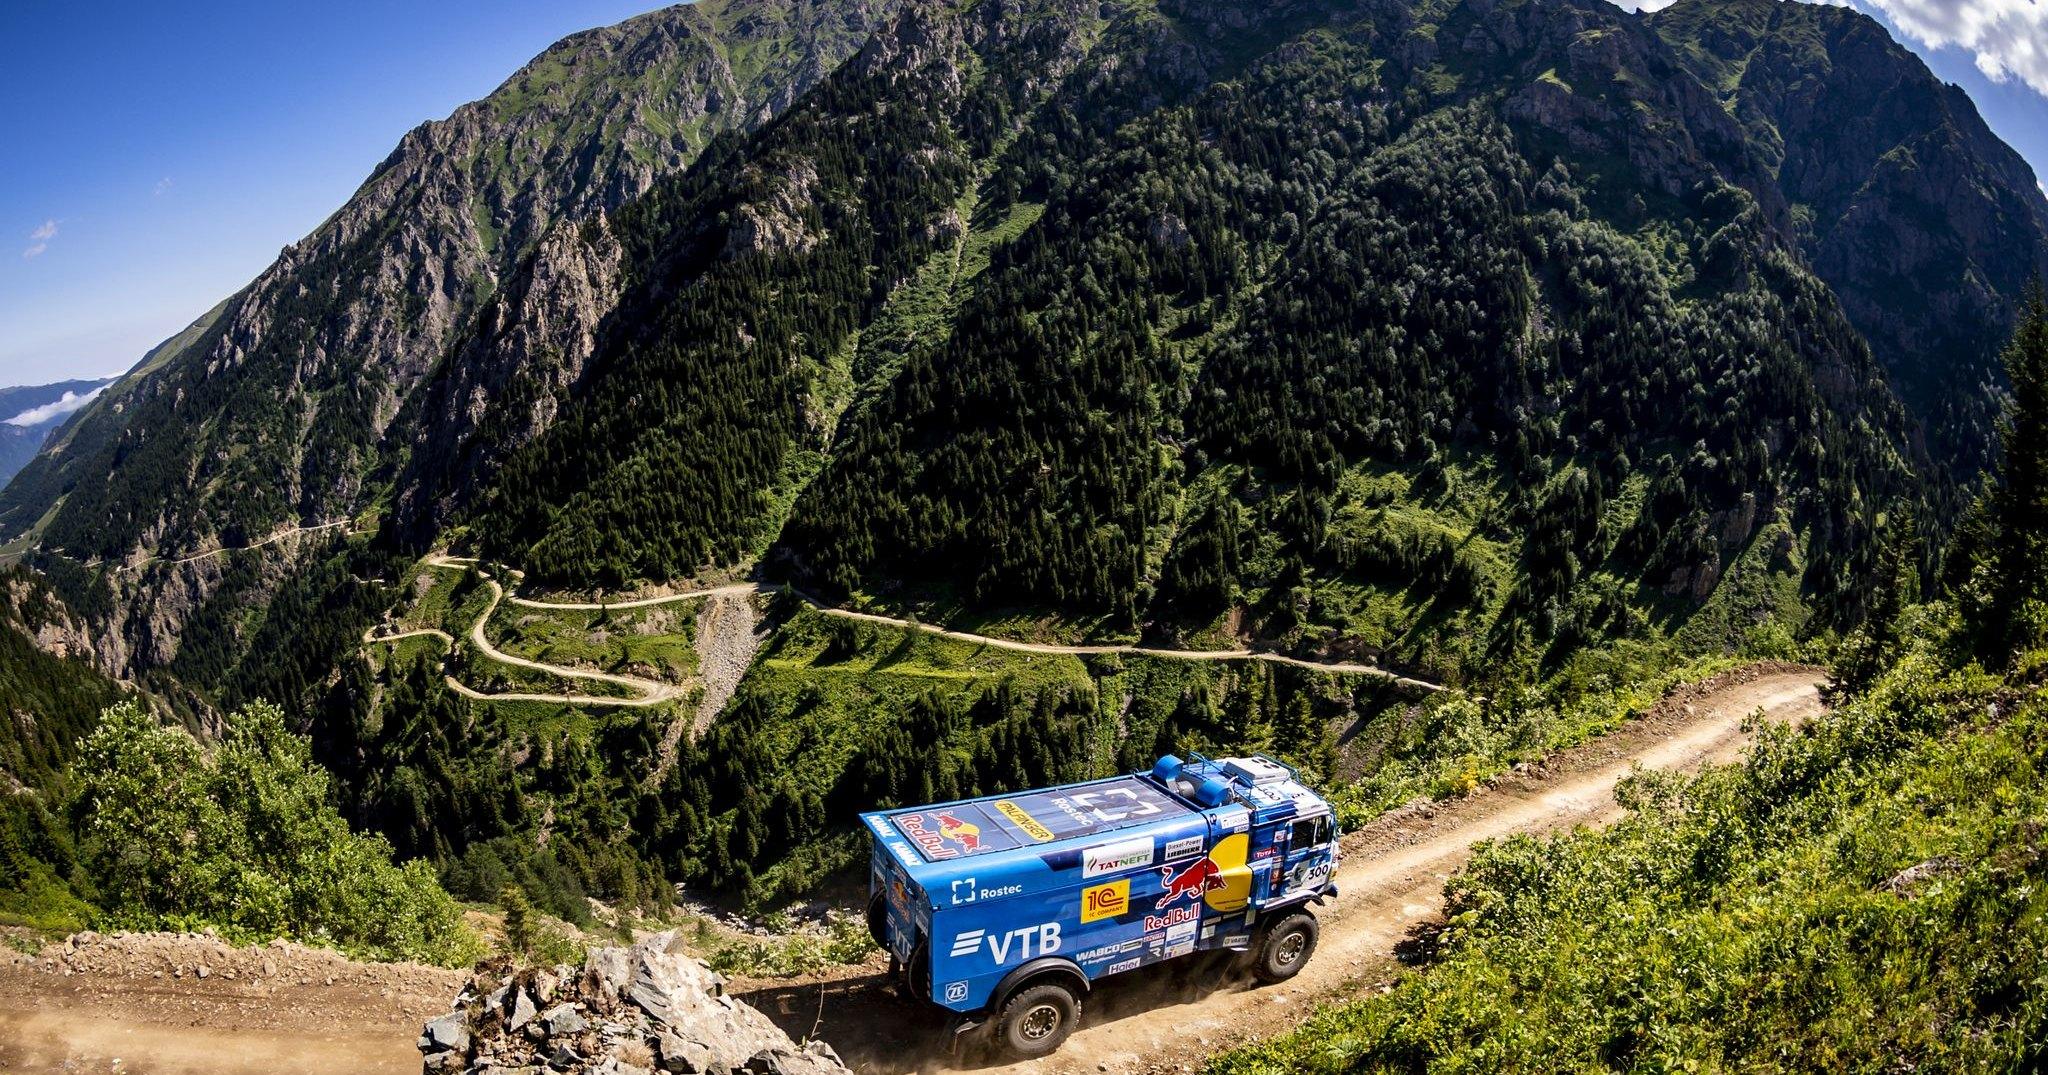 Гоночный грузовик провёл заезд на одной из самых опасных дорог в мире